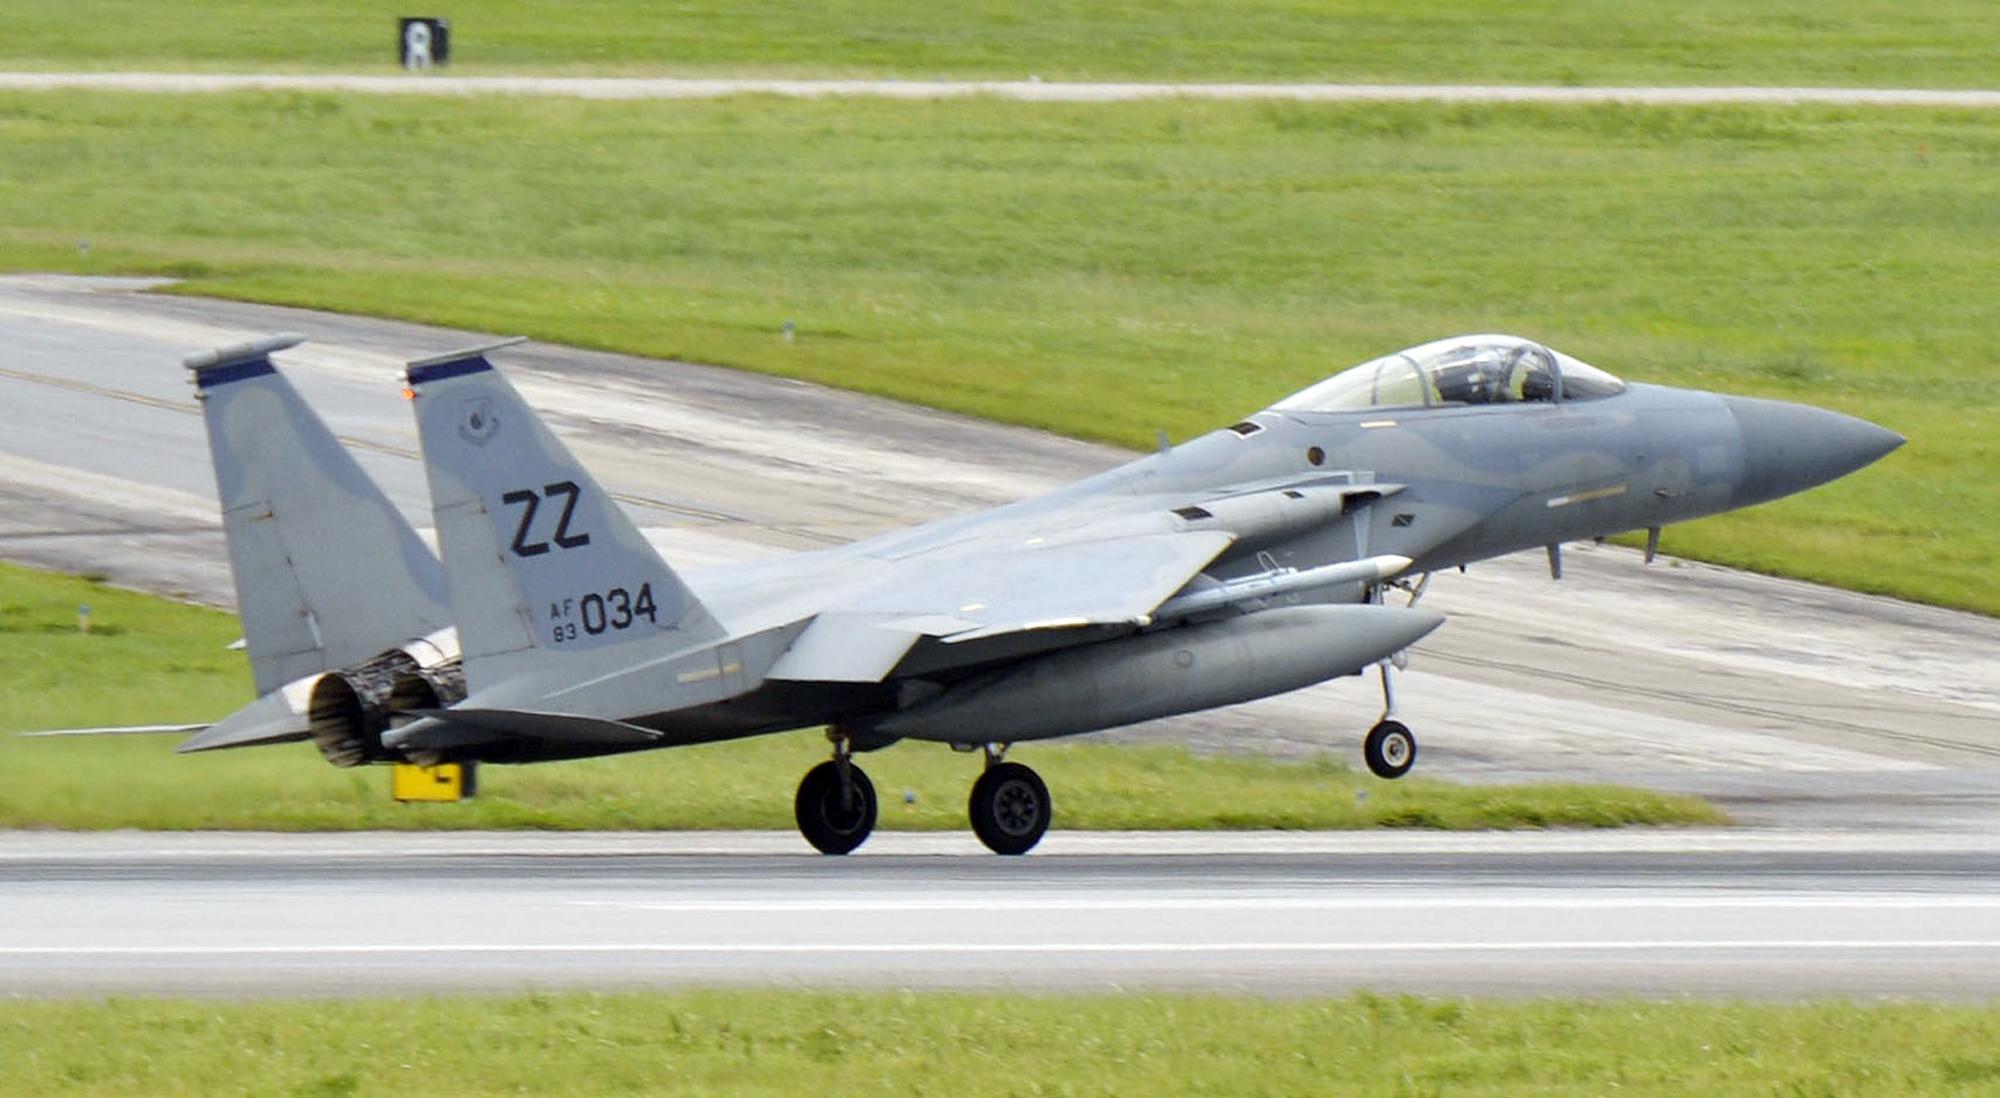 Japan_US_Military_Jet_Crash_06688-159532.jpg81436916